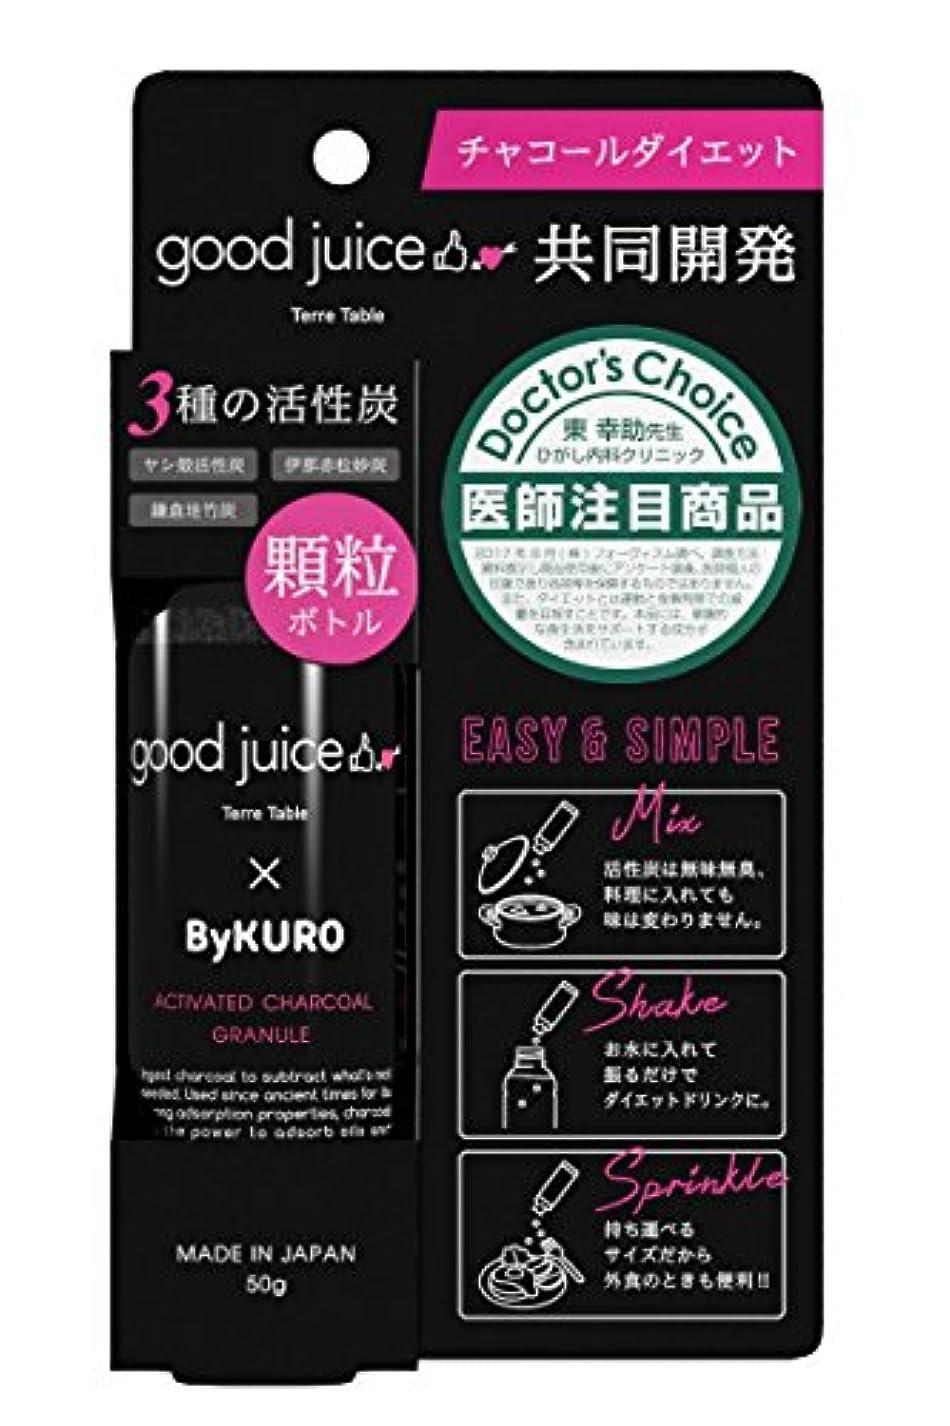 不明瞭アルコーブアマゾンジャングルByKURO(バイクロ) チャコールダイエット 顆粒G 50g